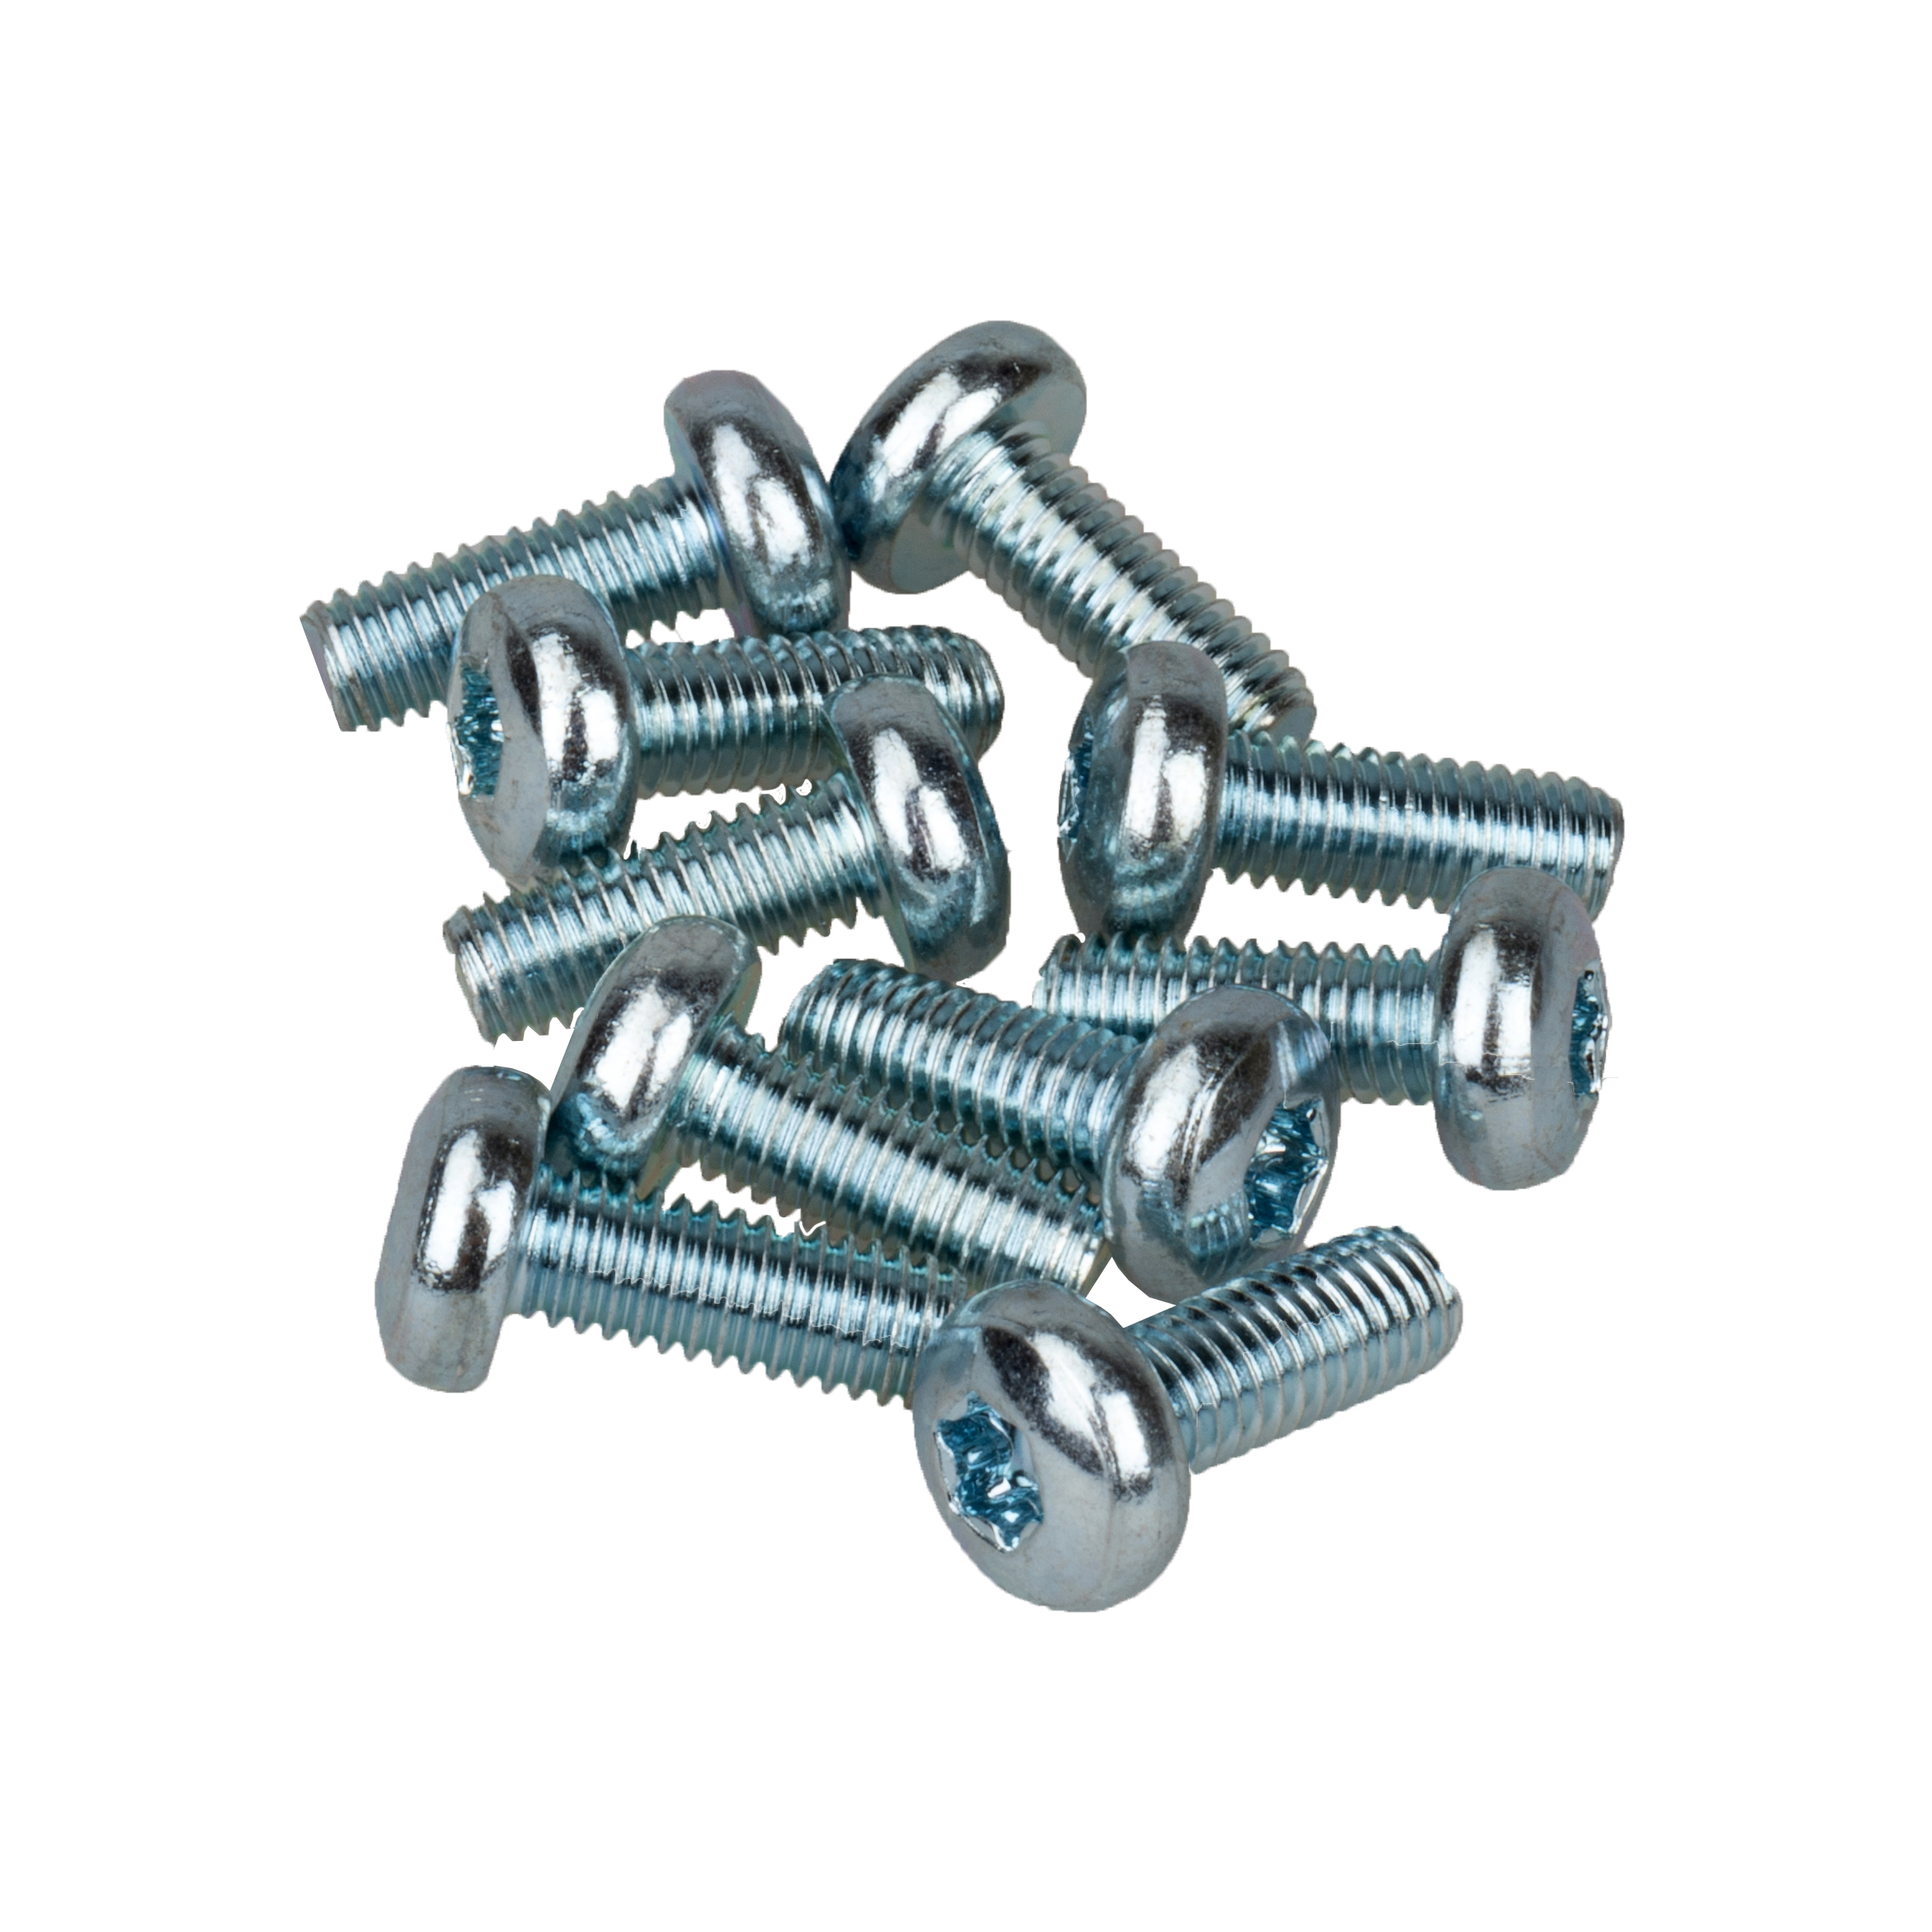 1 VE Linsenkopfschrauben M8x16mm nach ISO 7380 (VE=10 Stk.) ACCNK008--